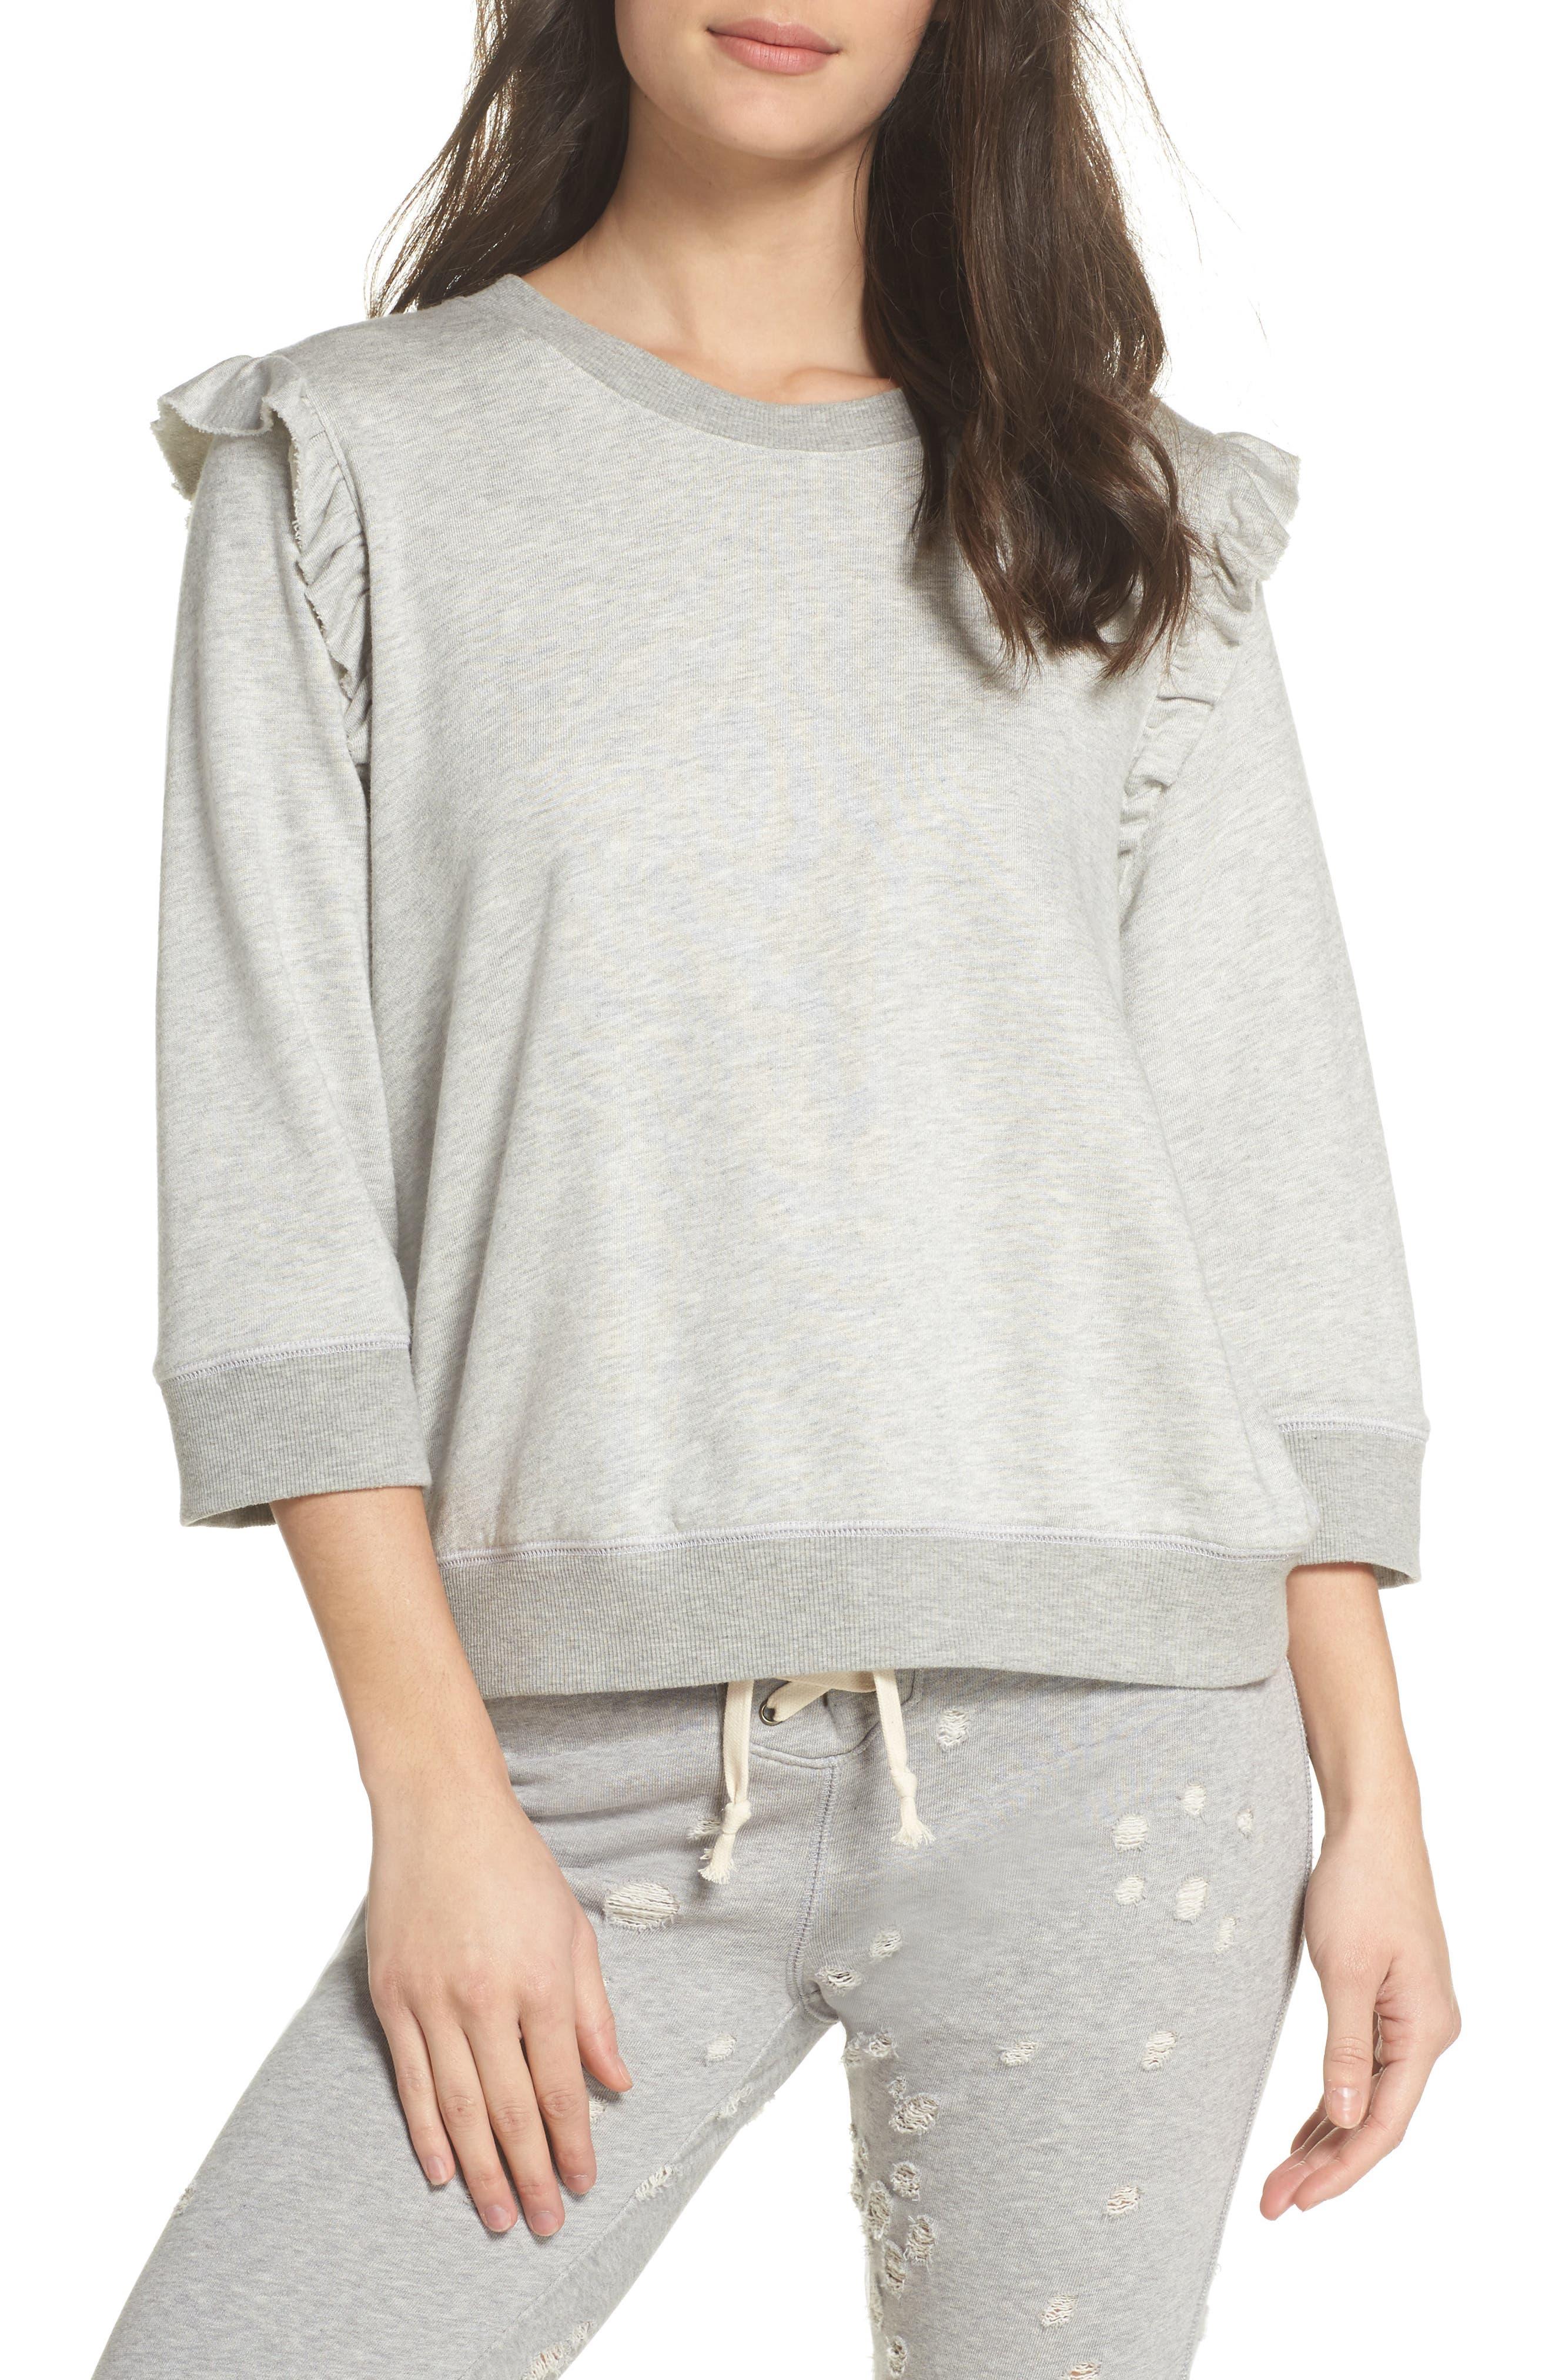 DAVID LERNER Ruffle Sweatshirt in Heather Grey